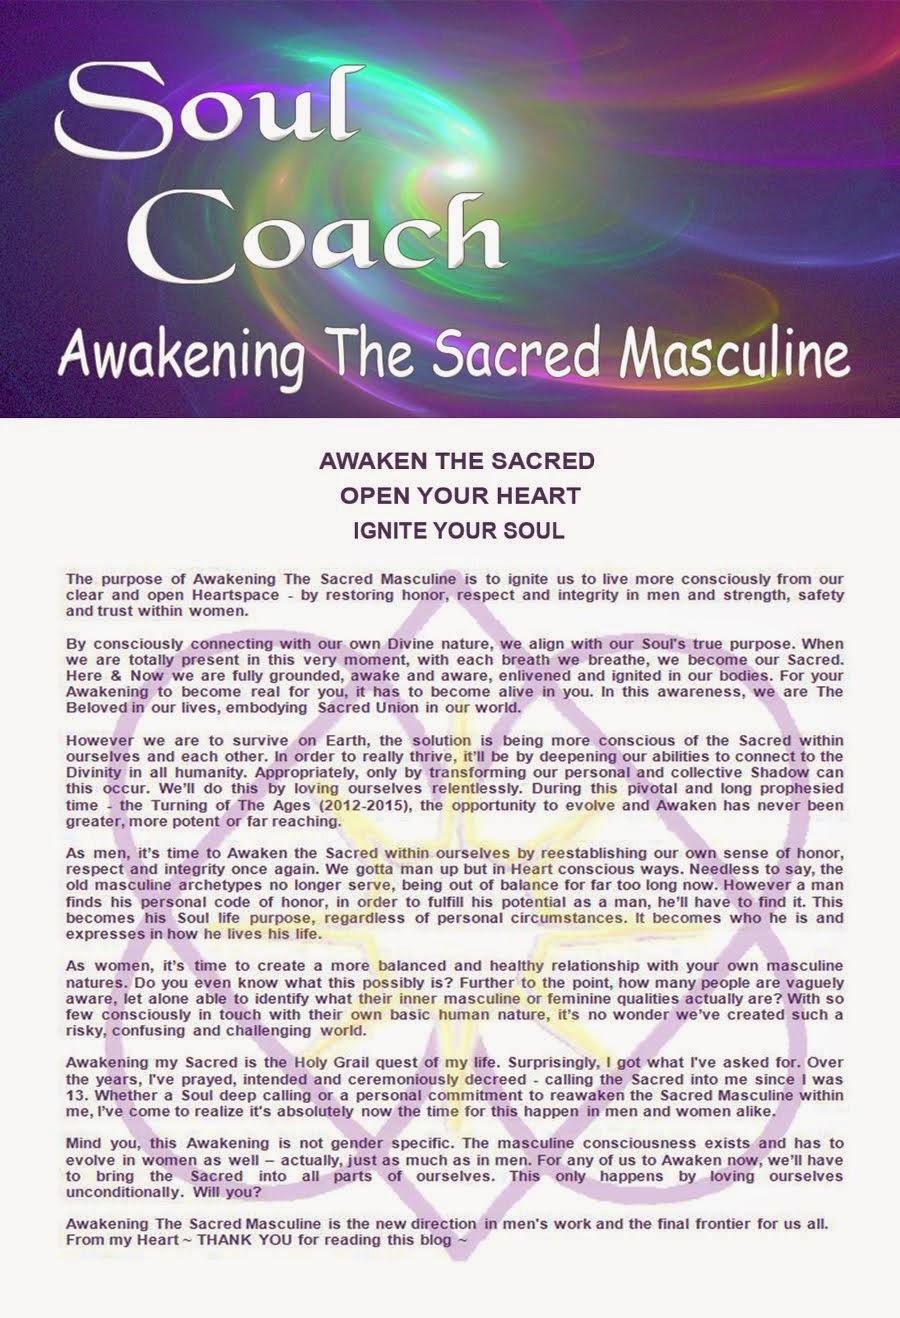 Soul Coach